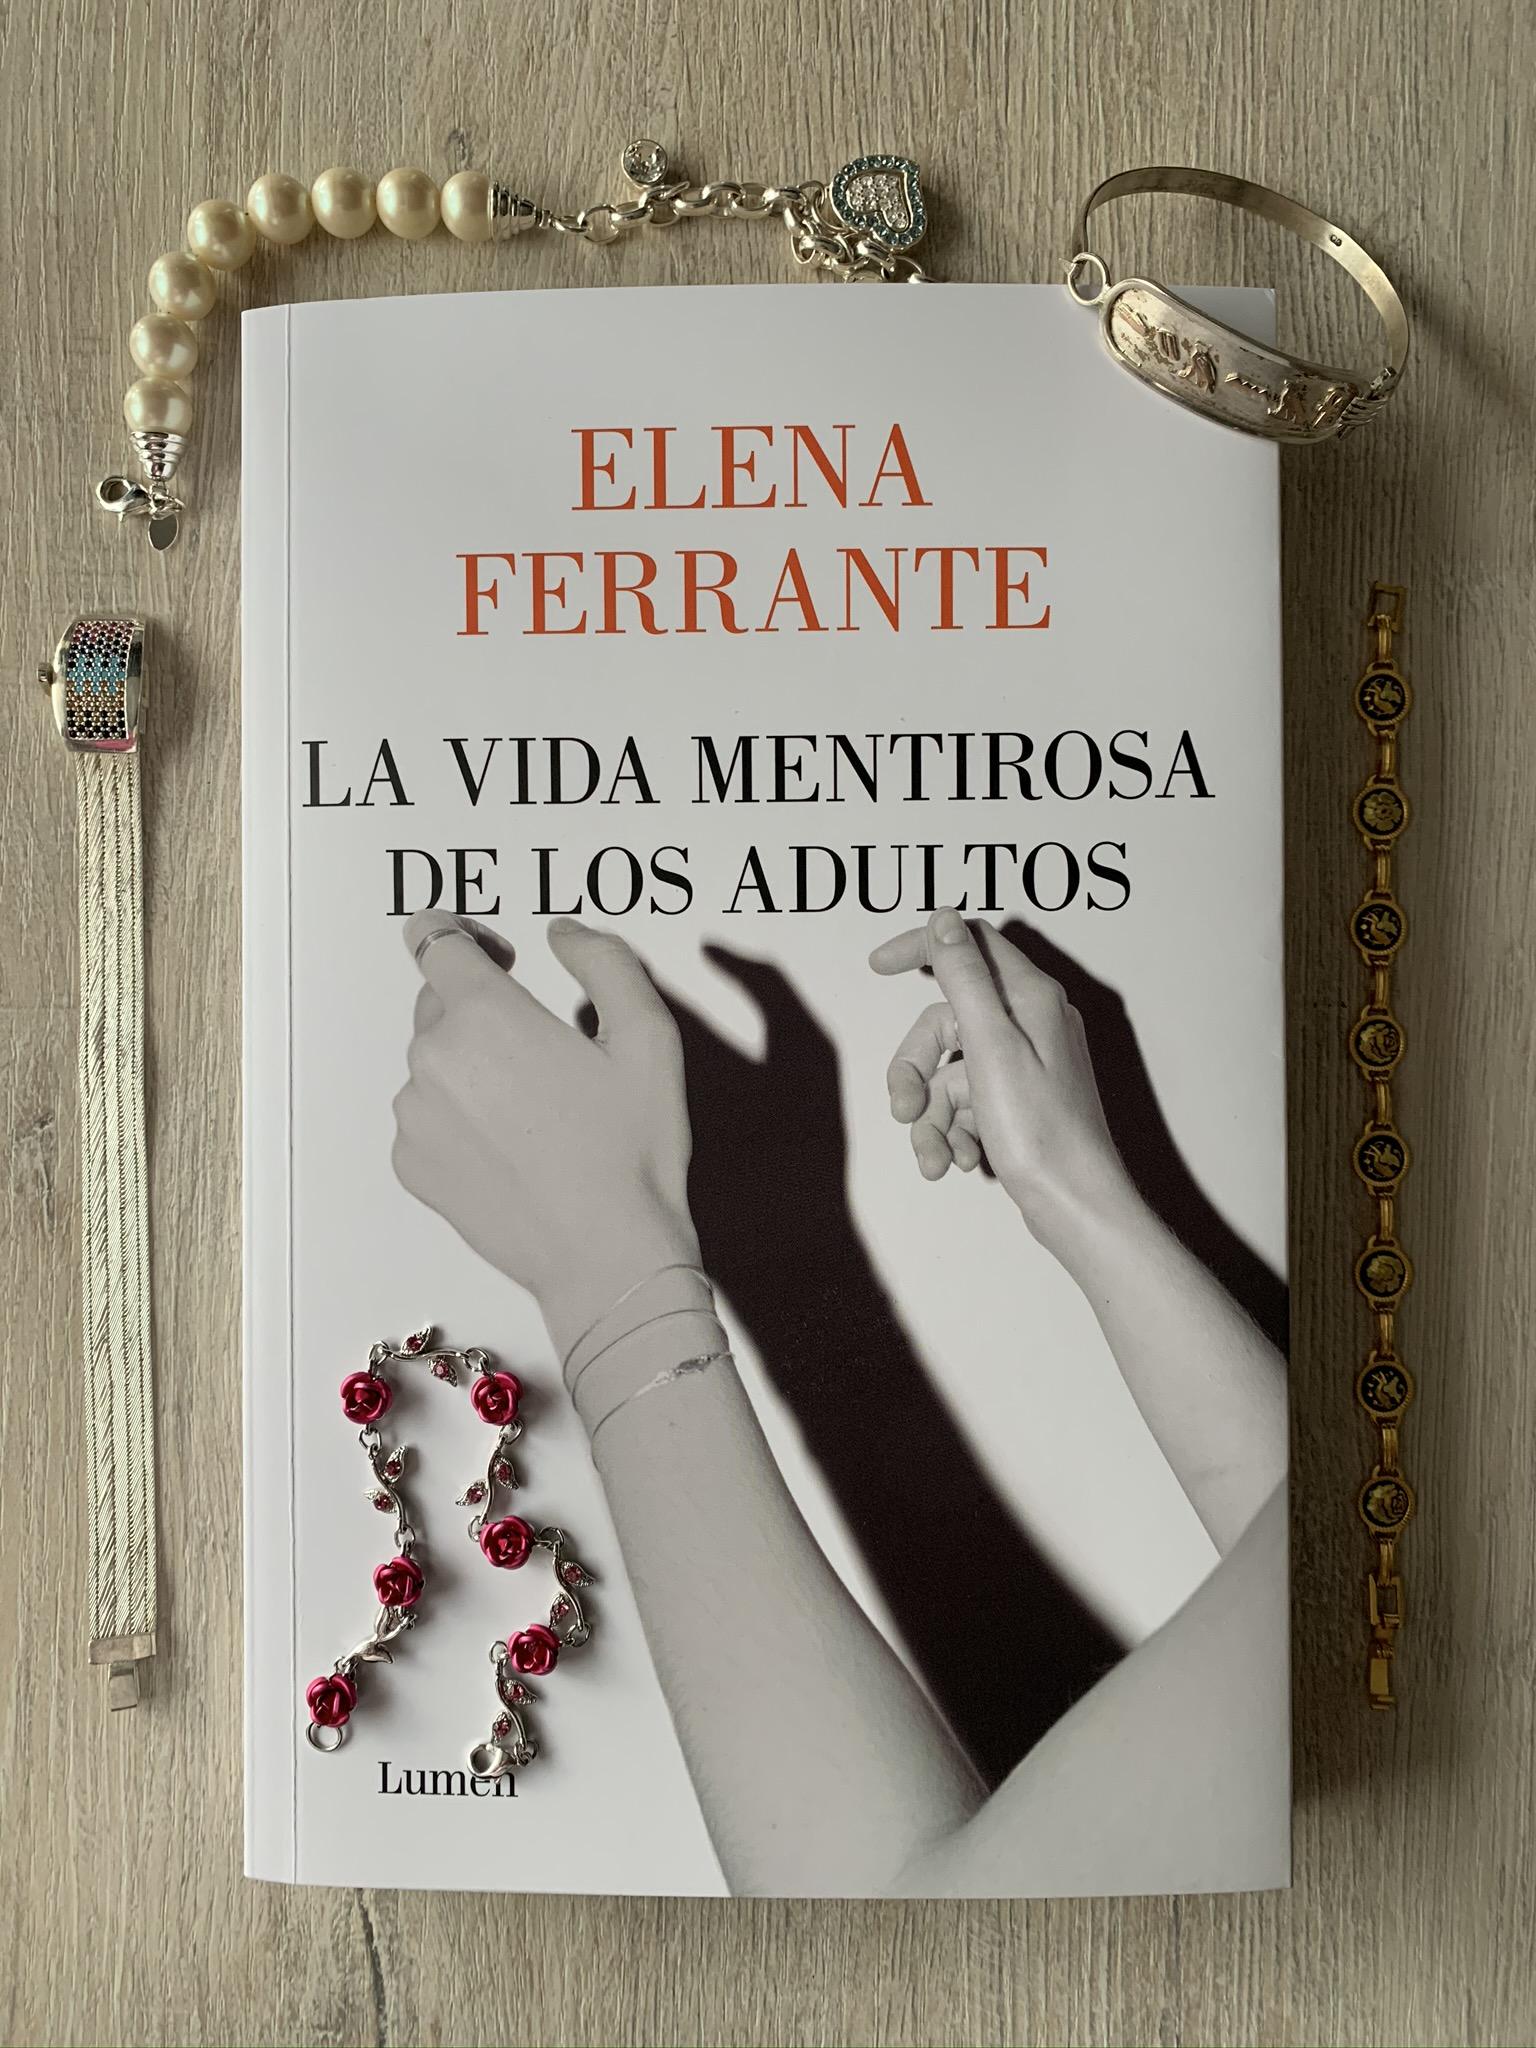 Libro La vida mentirosa de los adultos de Elena Ferrante